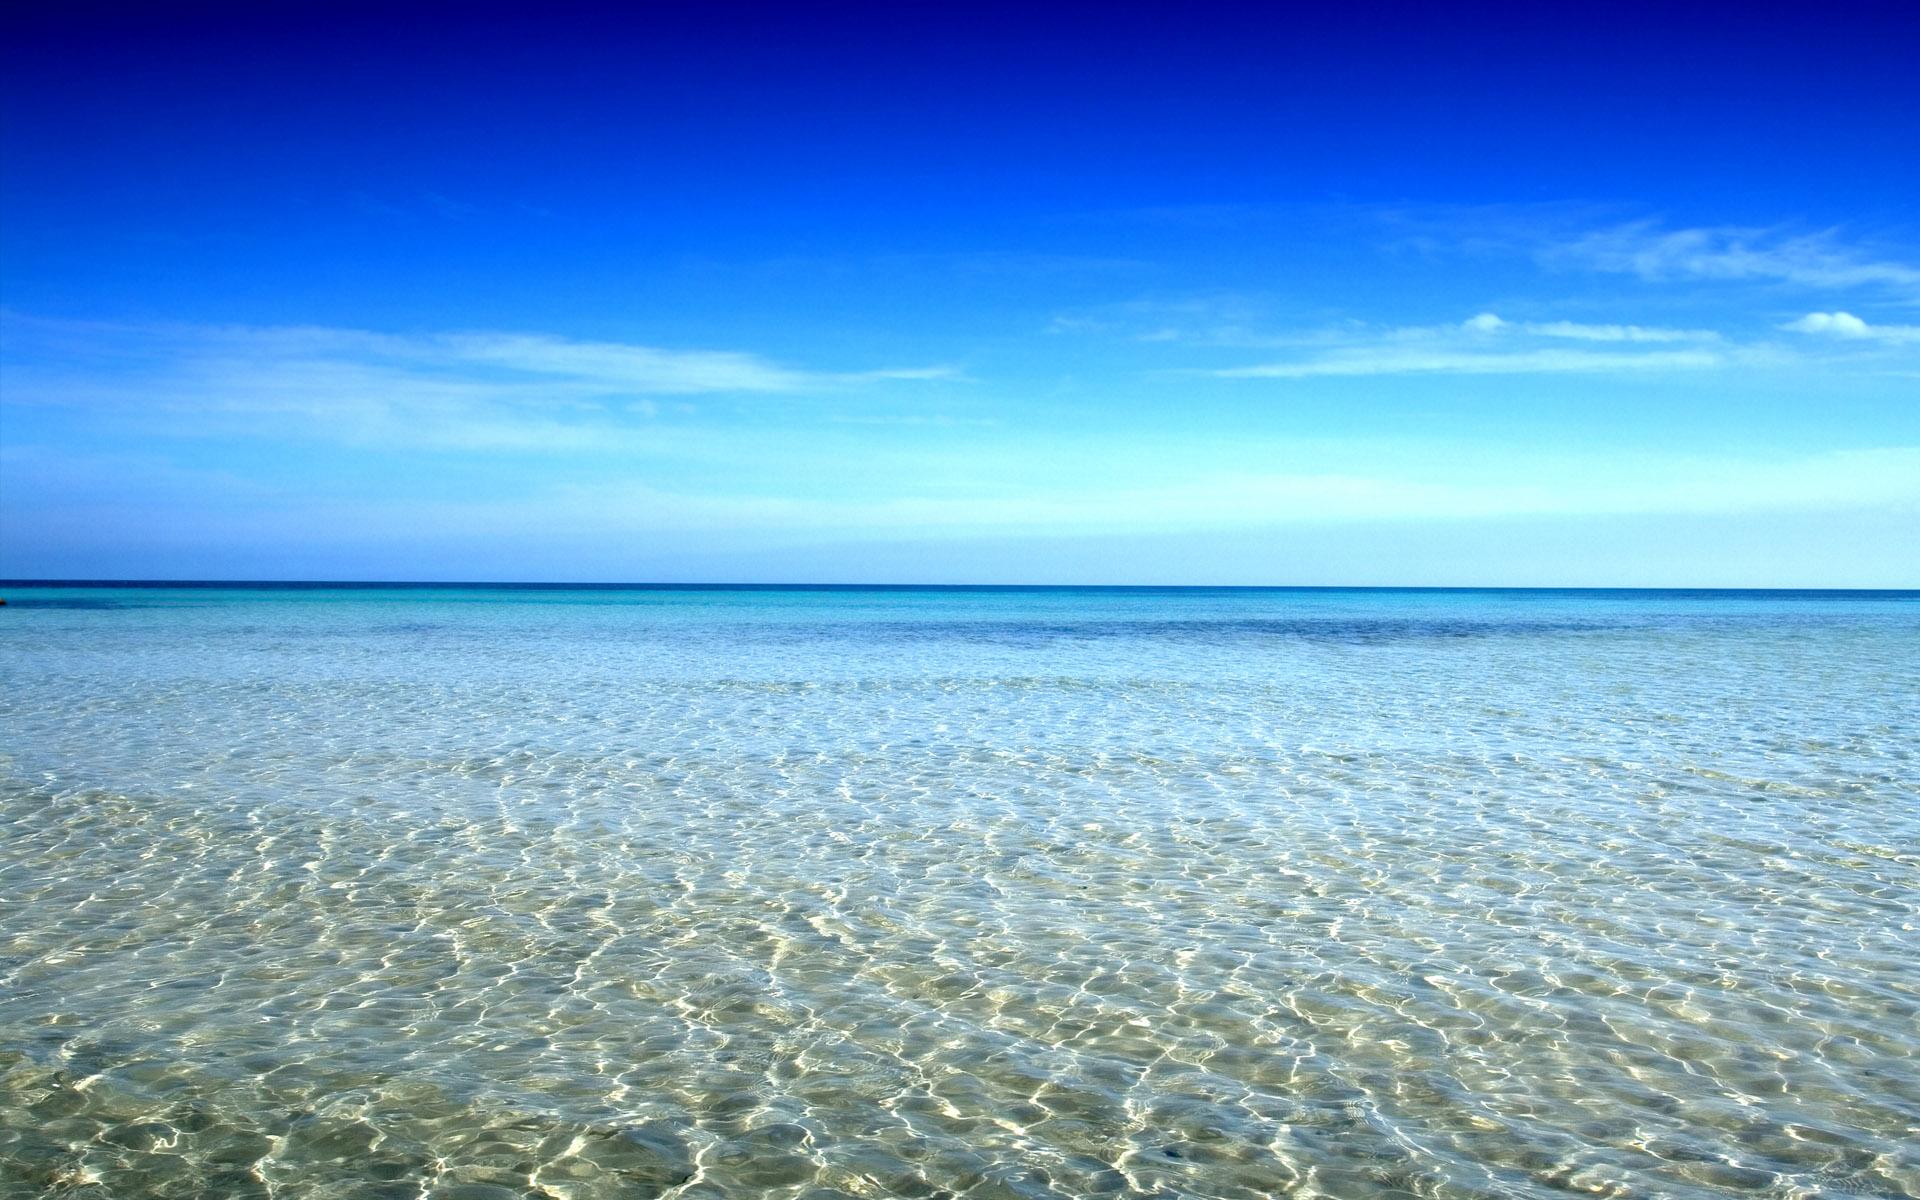 beach wallpaper ocean images 1920x1200 1920x1200